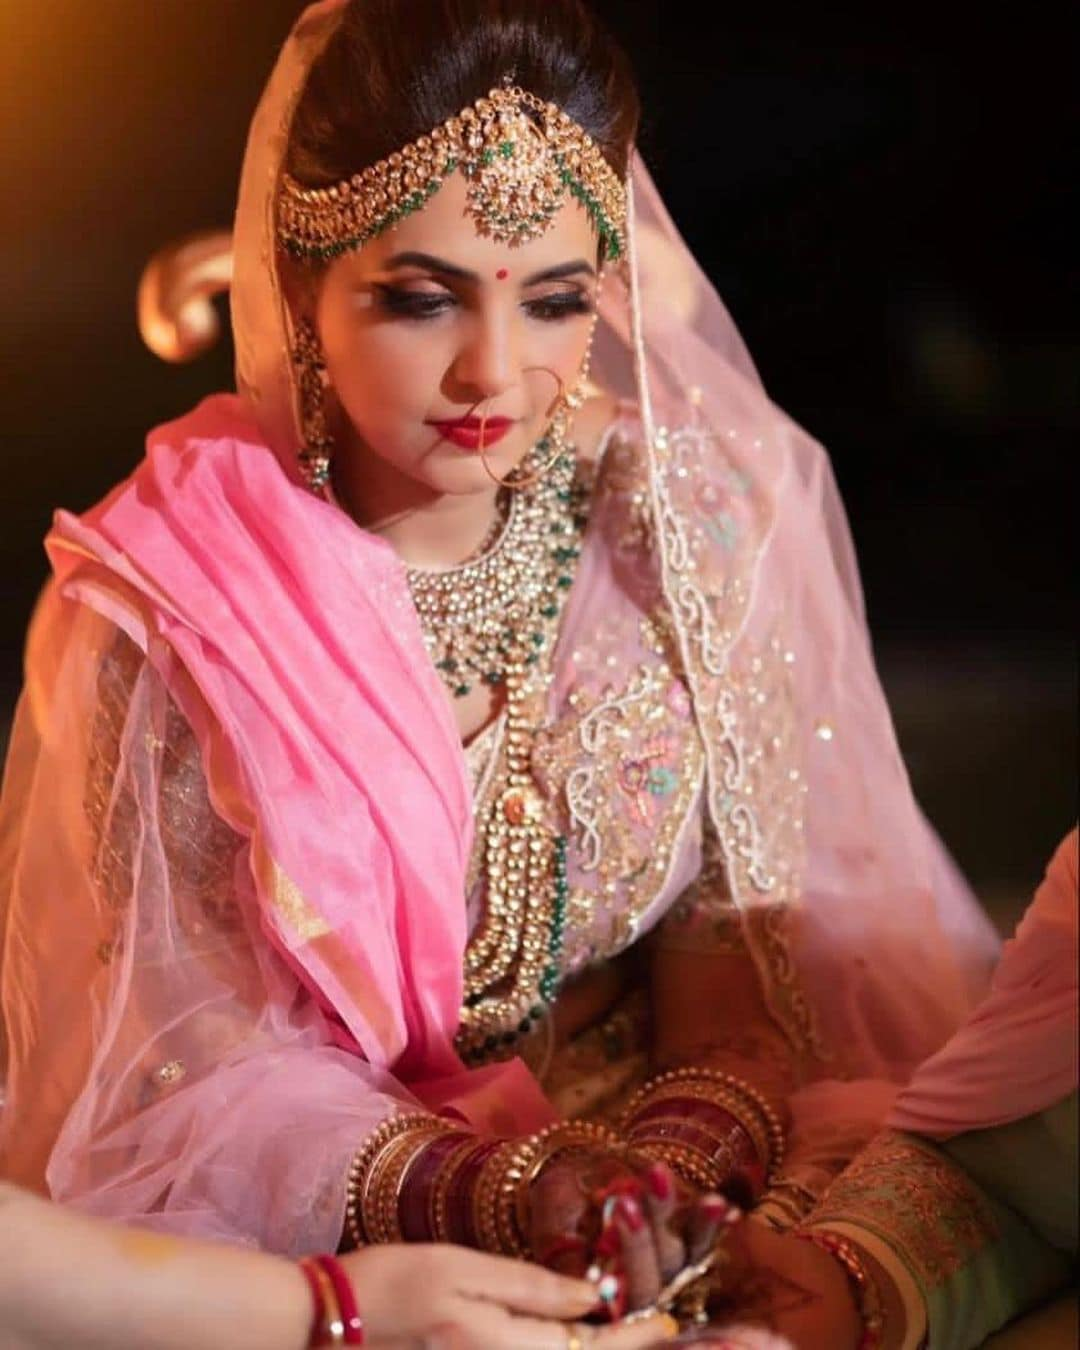 સુગંધાએ તેનાં લગ્નની જાહેરાત કરતાં લખ્યું હતું કે, અમારા પર આપનાં આશીર્વાદ વરસાવવાં માટે આભાર અને આટલો પ્રેમ મેળવી હું ખુશકિસ્મત અનુભવું છું. 26.4.2021. (PHOTO: Instagram/sugandhamishra23)